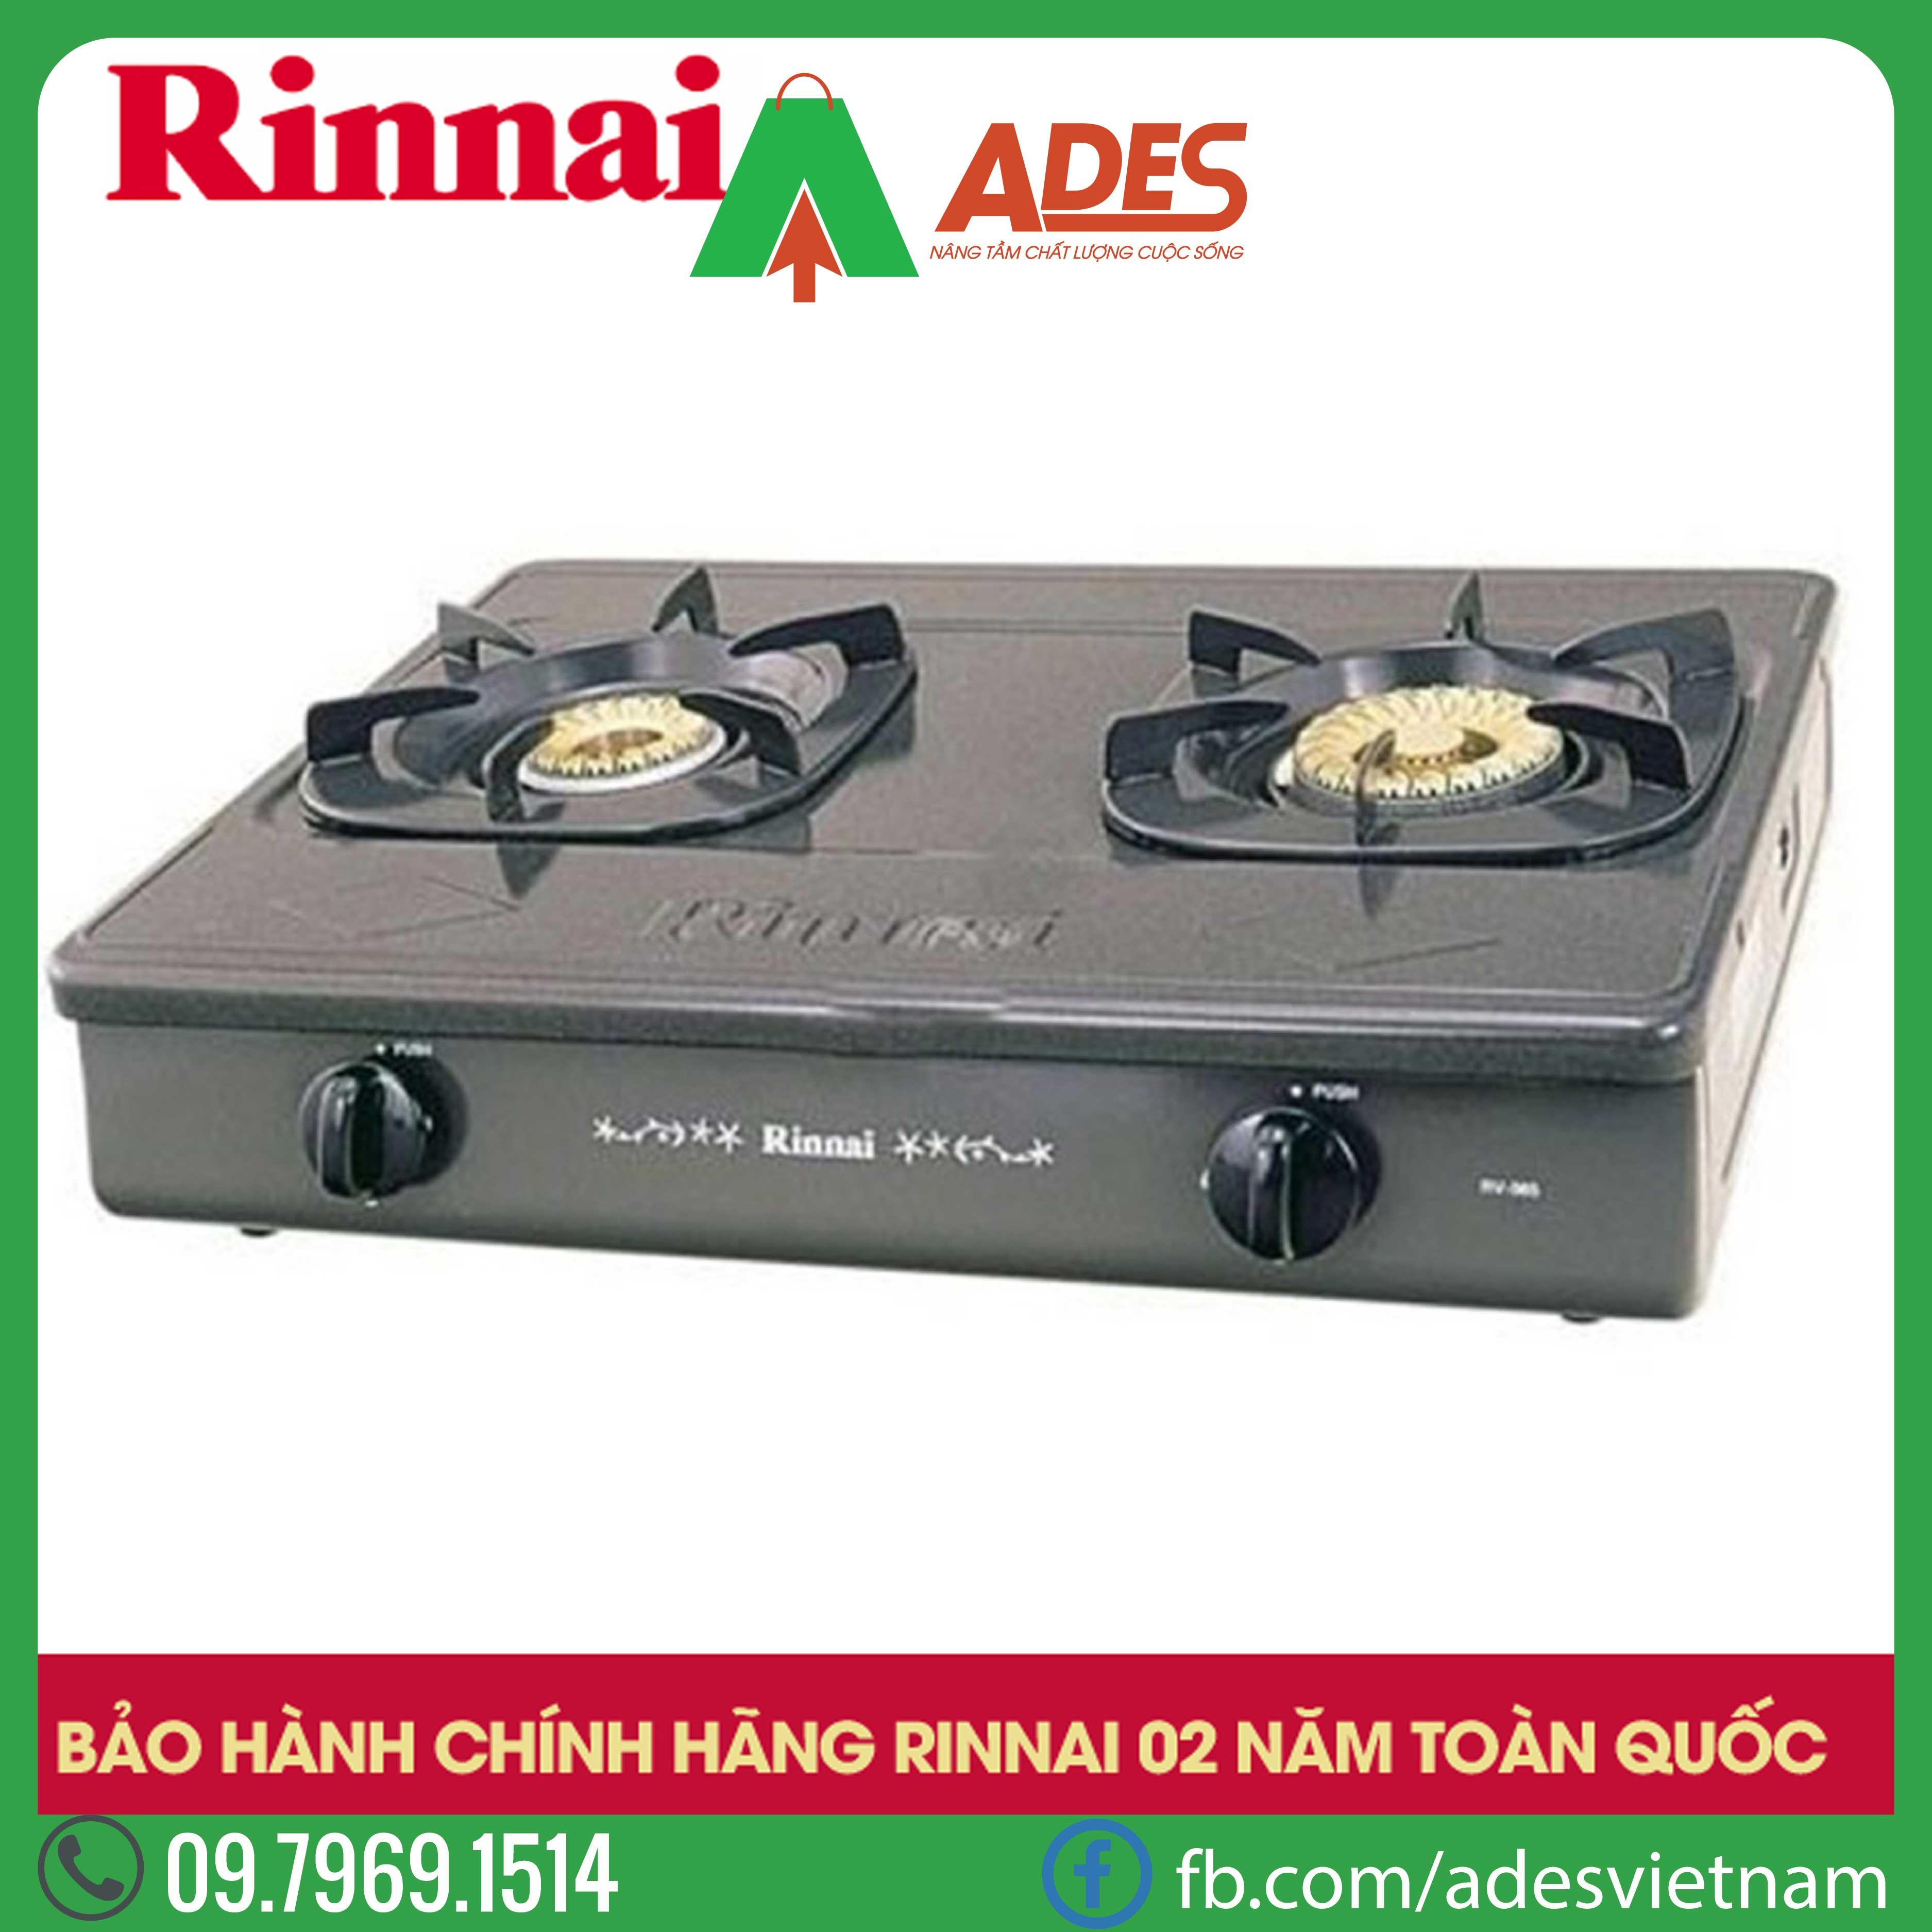 bep gas duong Rinnai RV-365(G)N